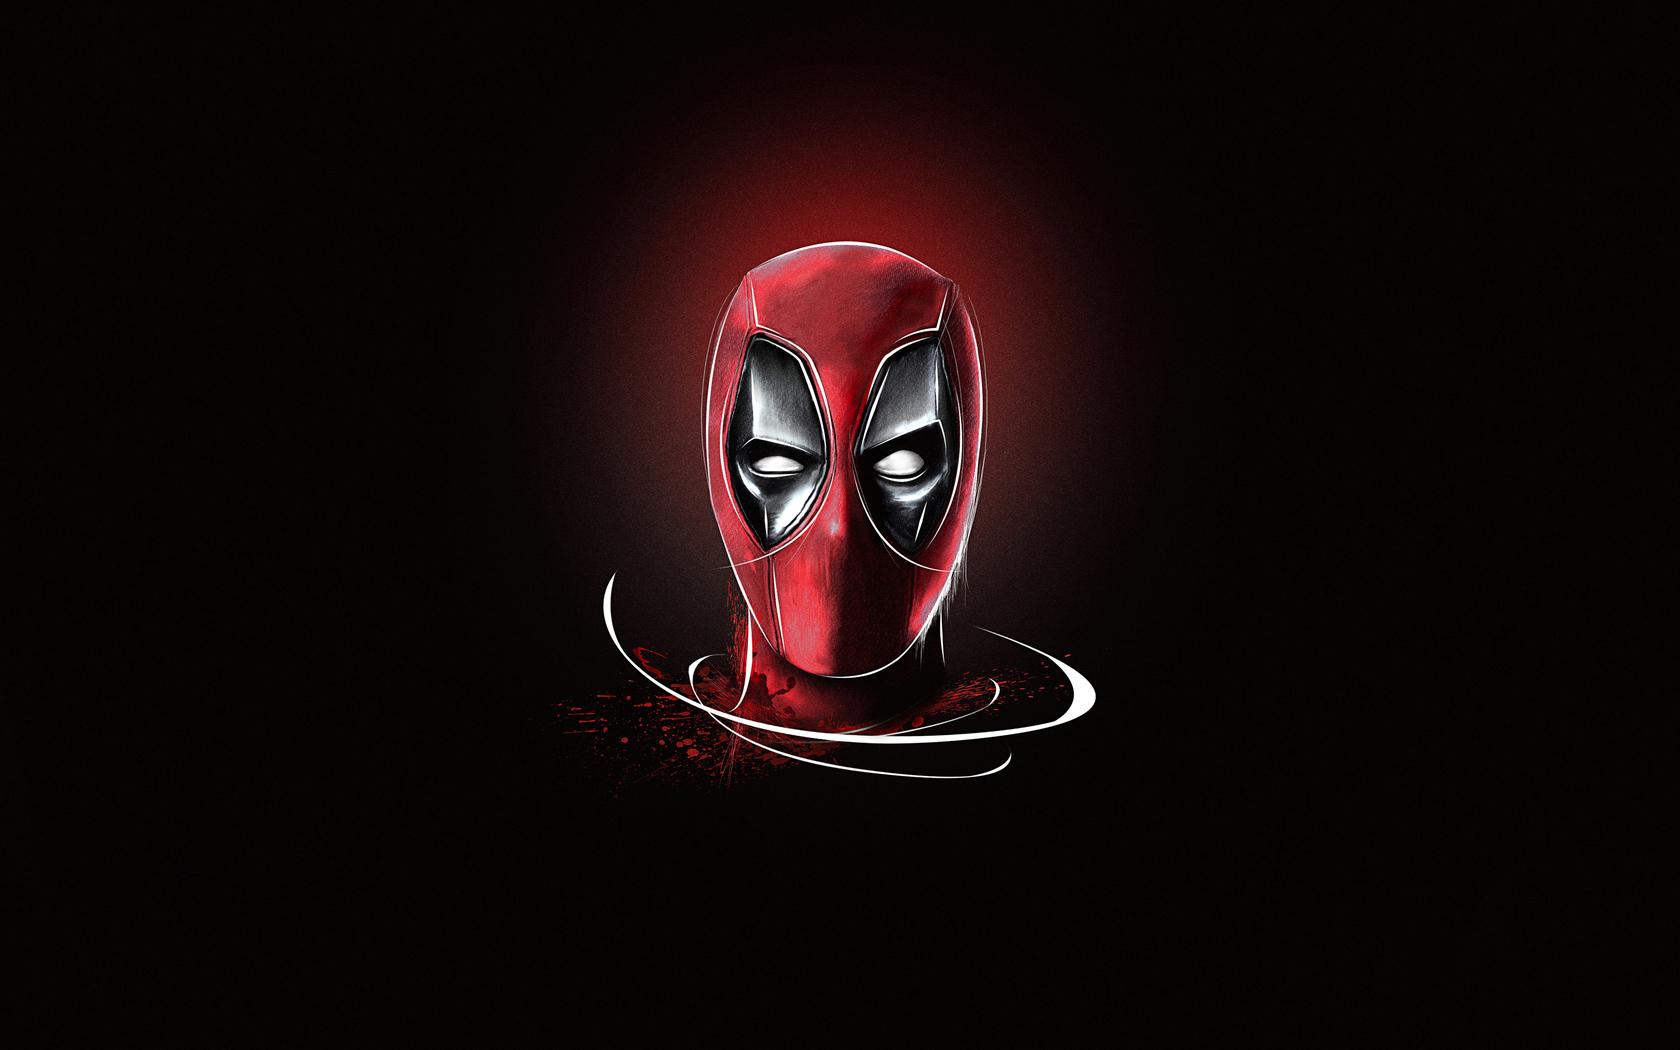 deadpool-mask-minimalism-5k-97.jpg